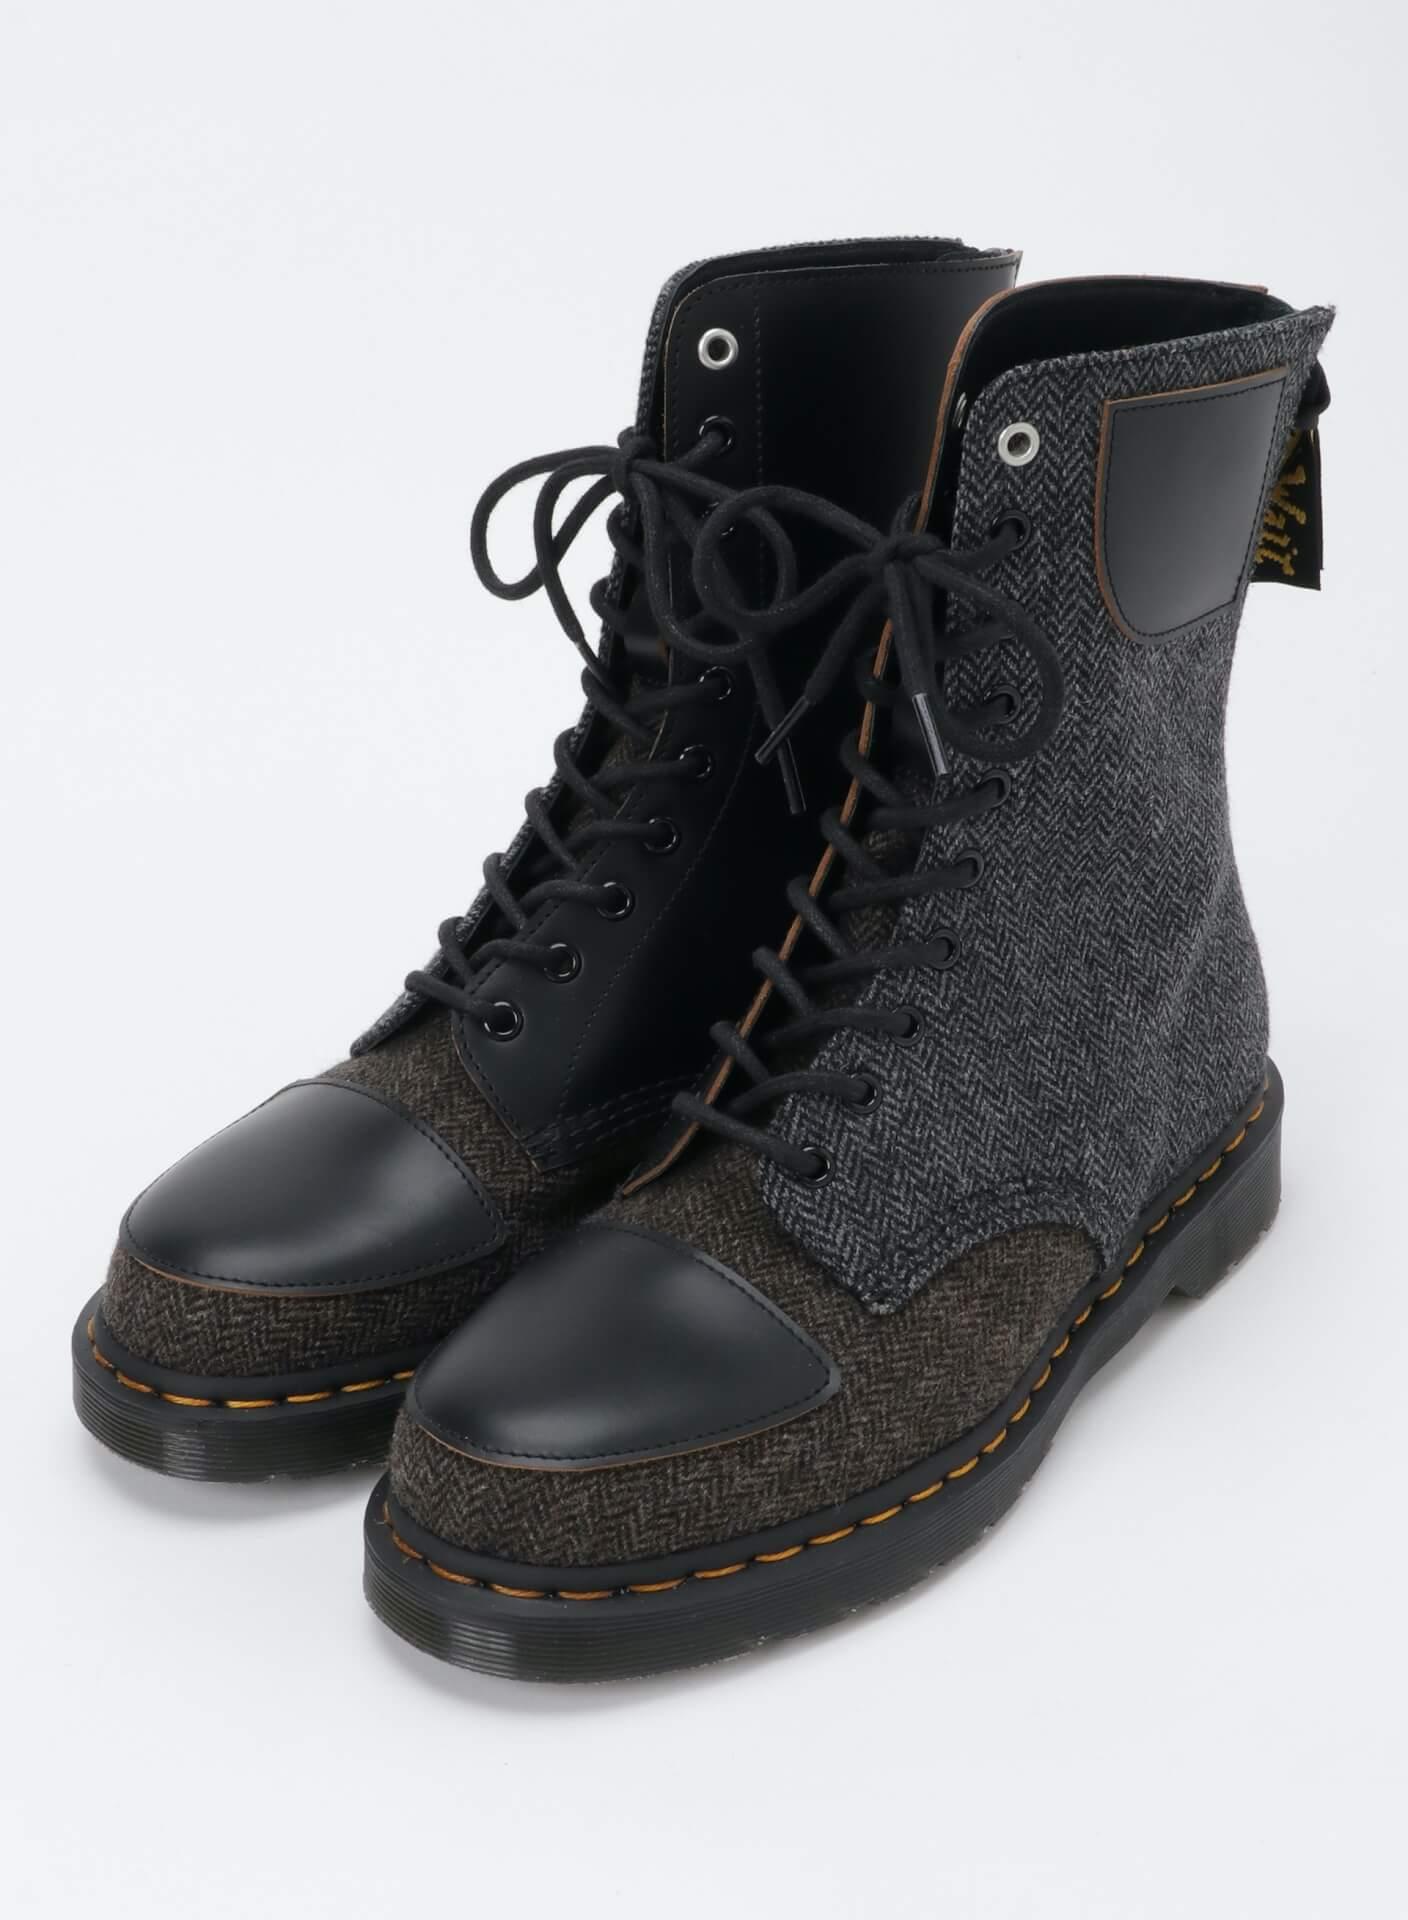 Y'sとドクターマーチンによる最新コレクション「Y's × Dr.Martens 10-EYE BOOT MOON FABRIC」が発売! c6af684c9cee9e13a134ac4e42a59e1b